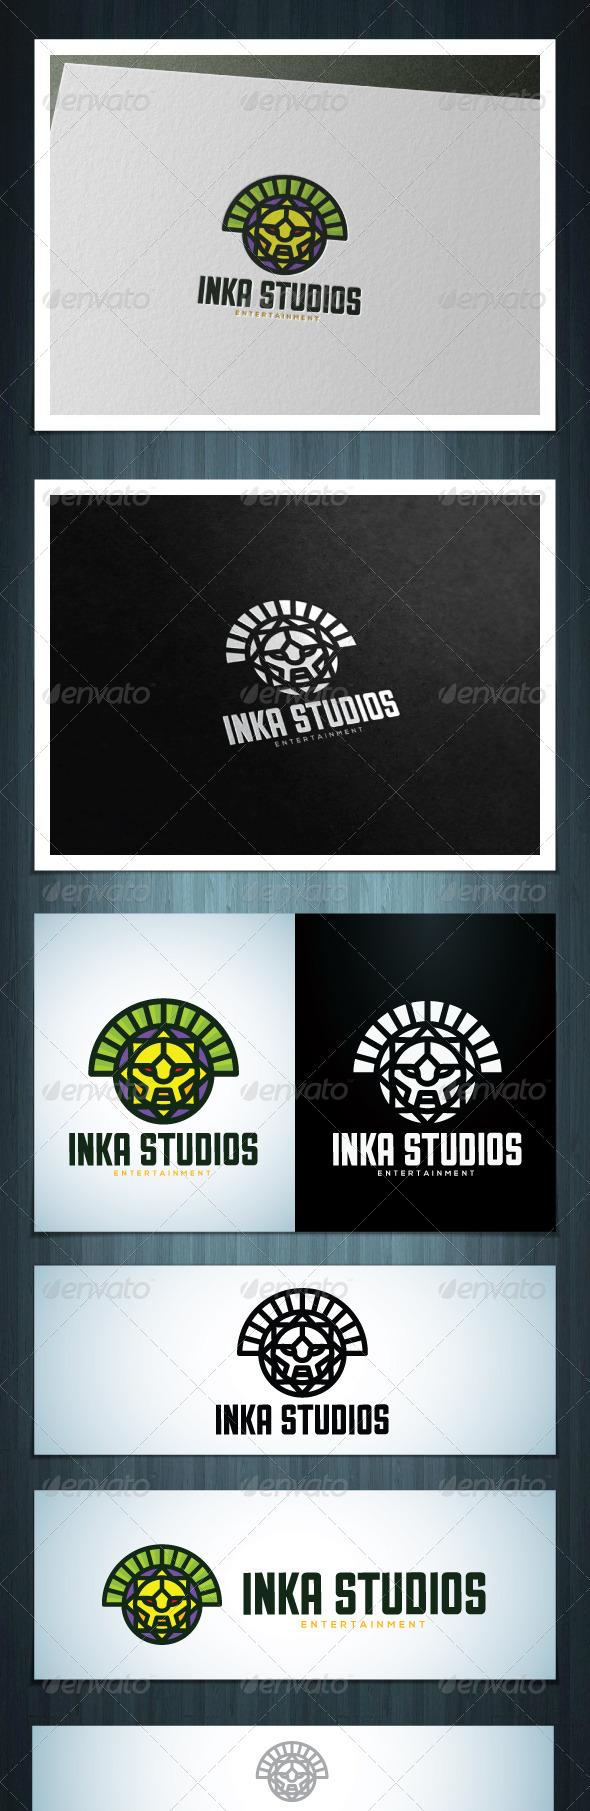 GraphicRiver Inka Studios 8128047